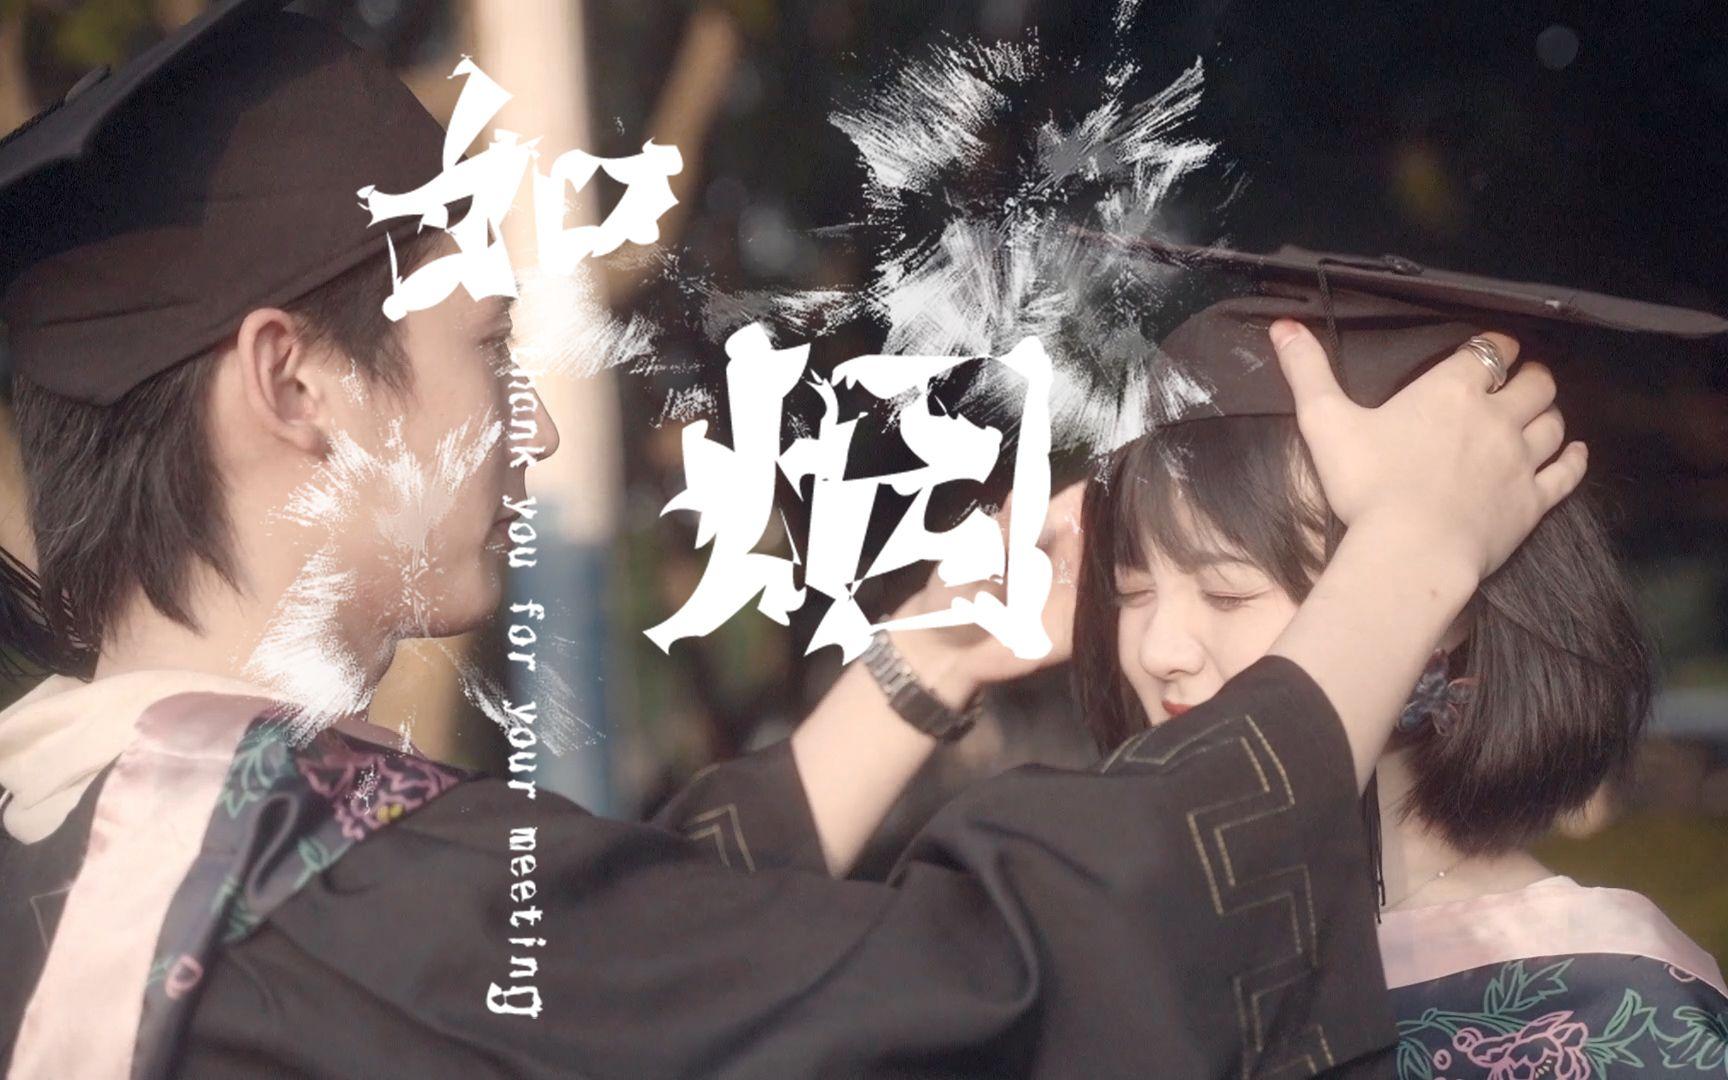 重庆大学2020年毕业季短片MV——《如烟》